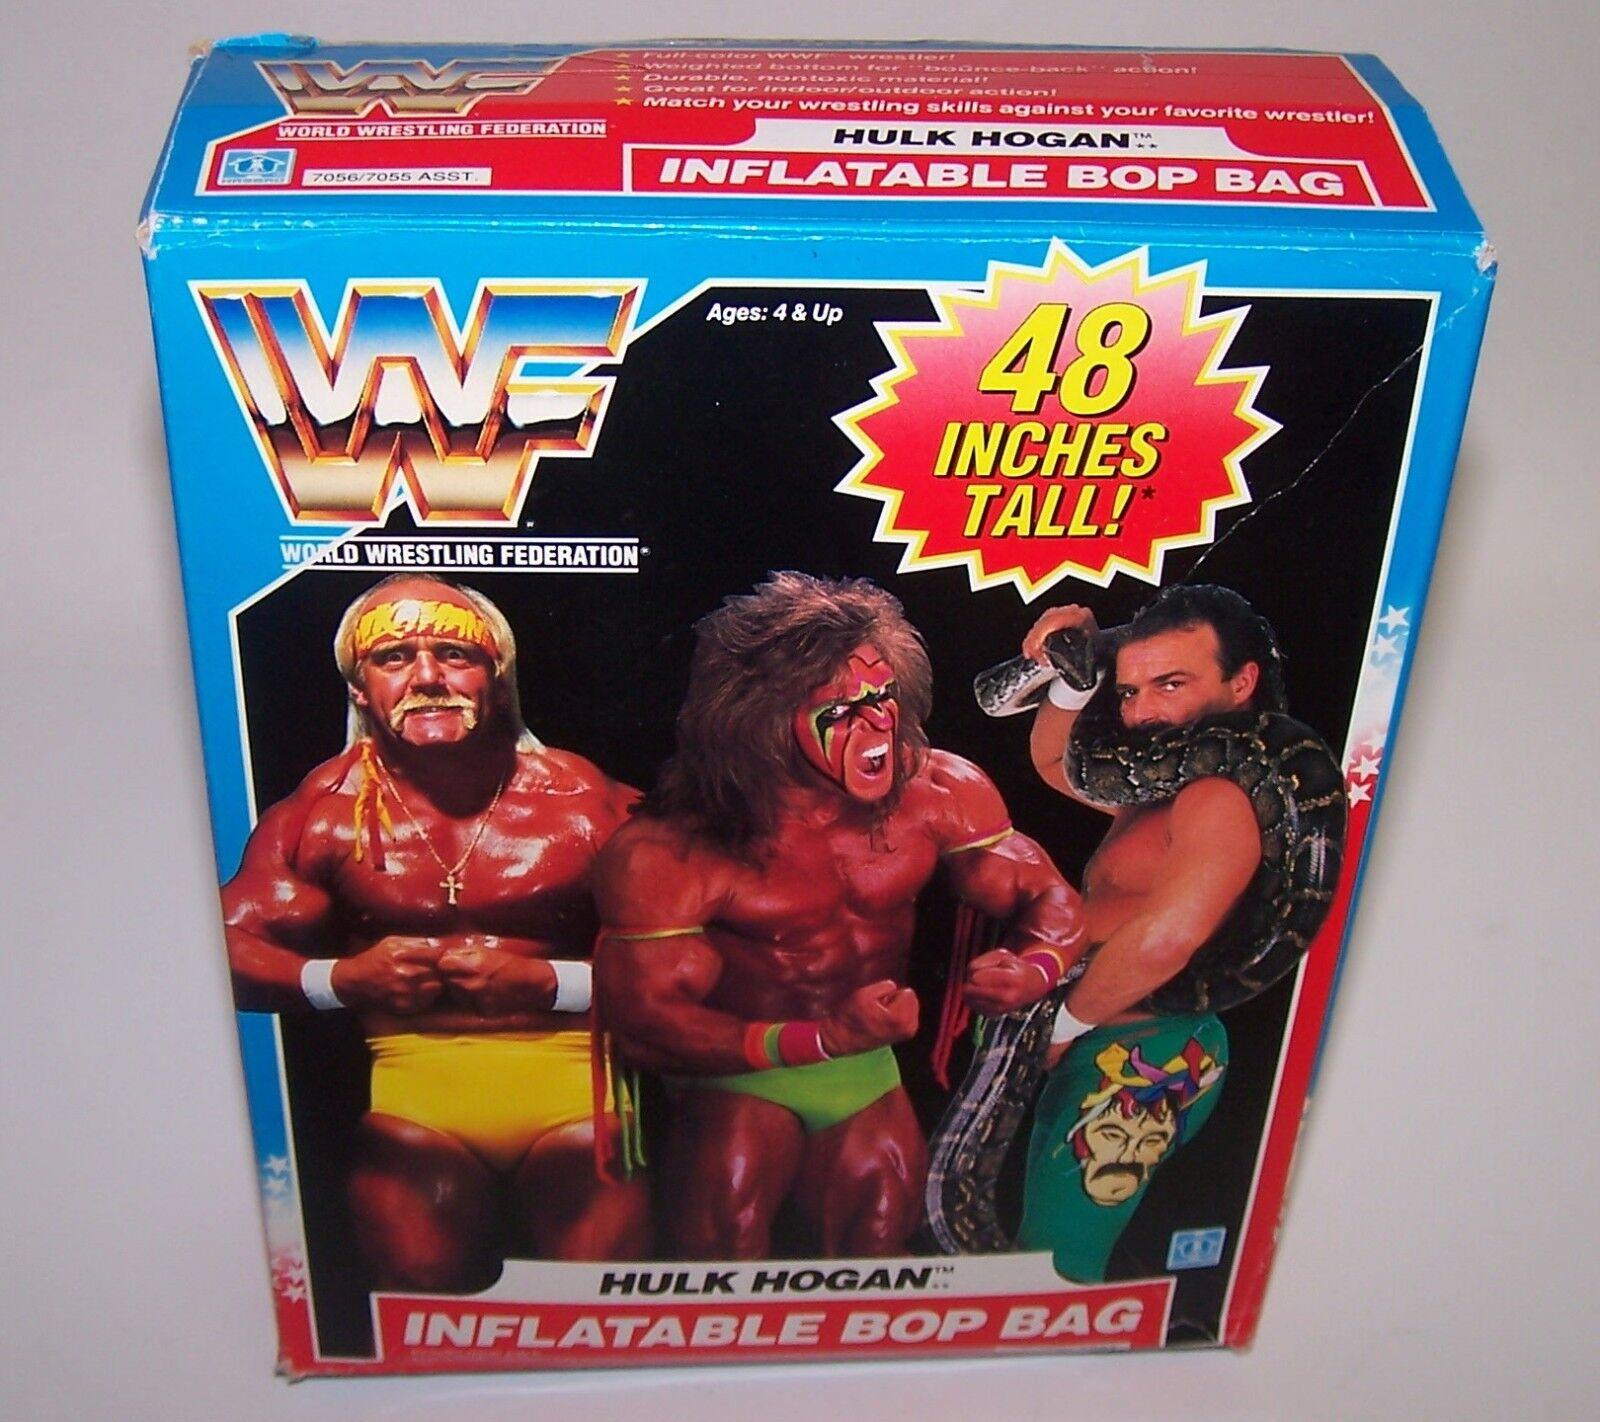 WWF World Wrestling Federation Hulk Hogan 48  Inflatable Bop Bag NIB 1990